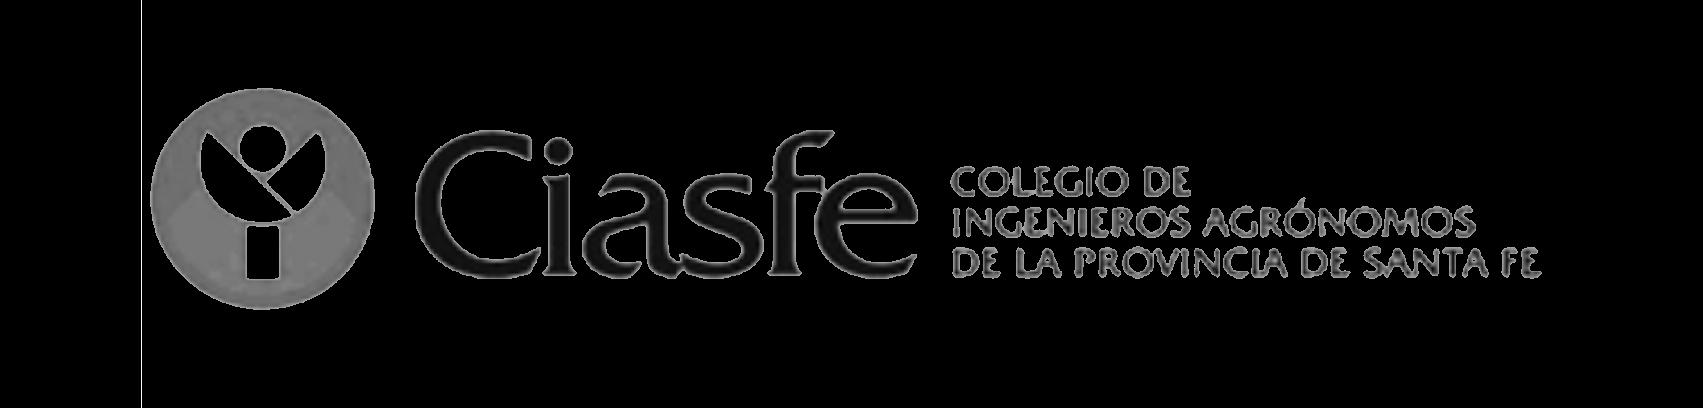 6CIASFE-logo - transparent.png